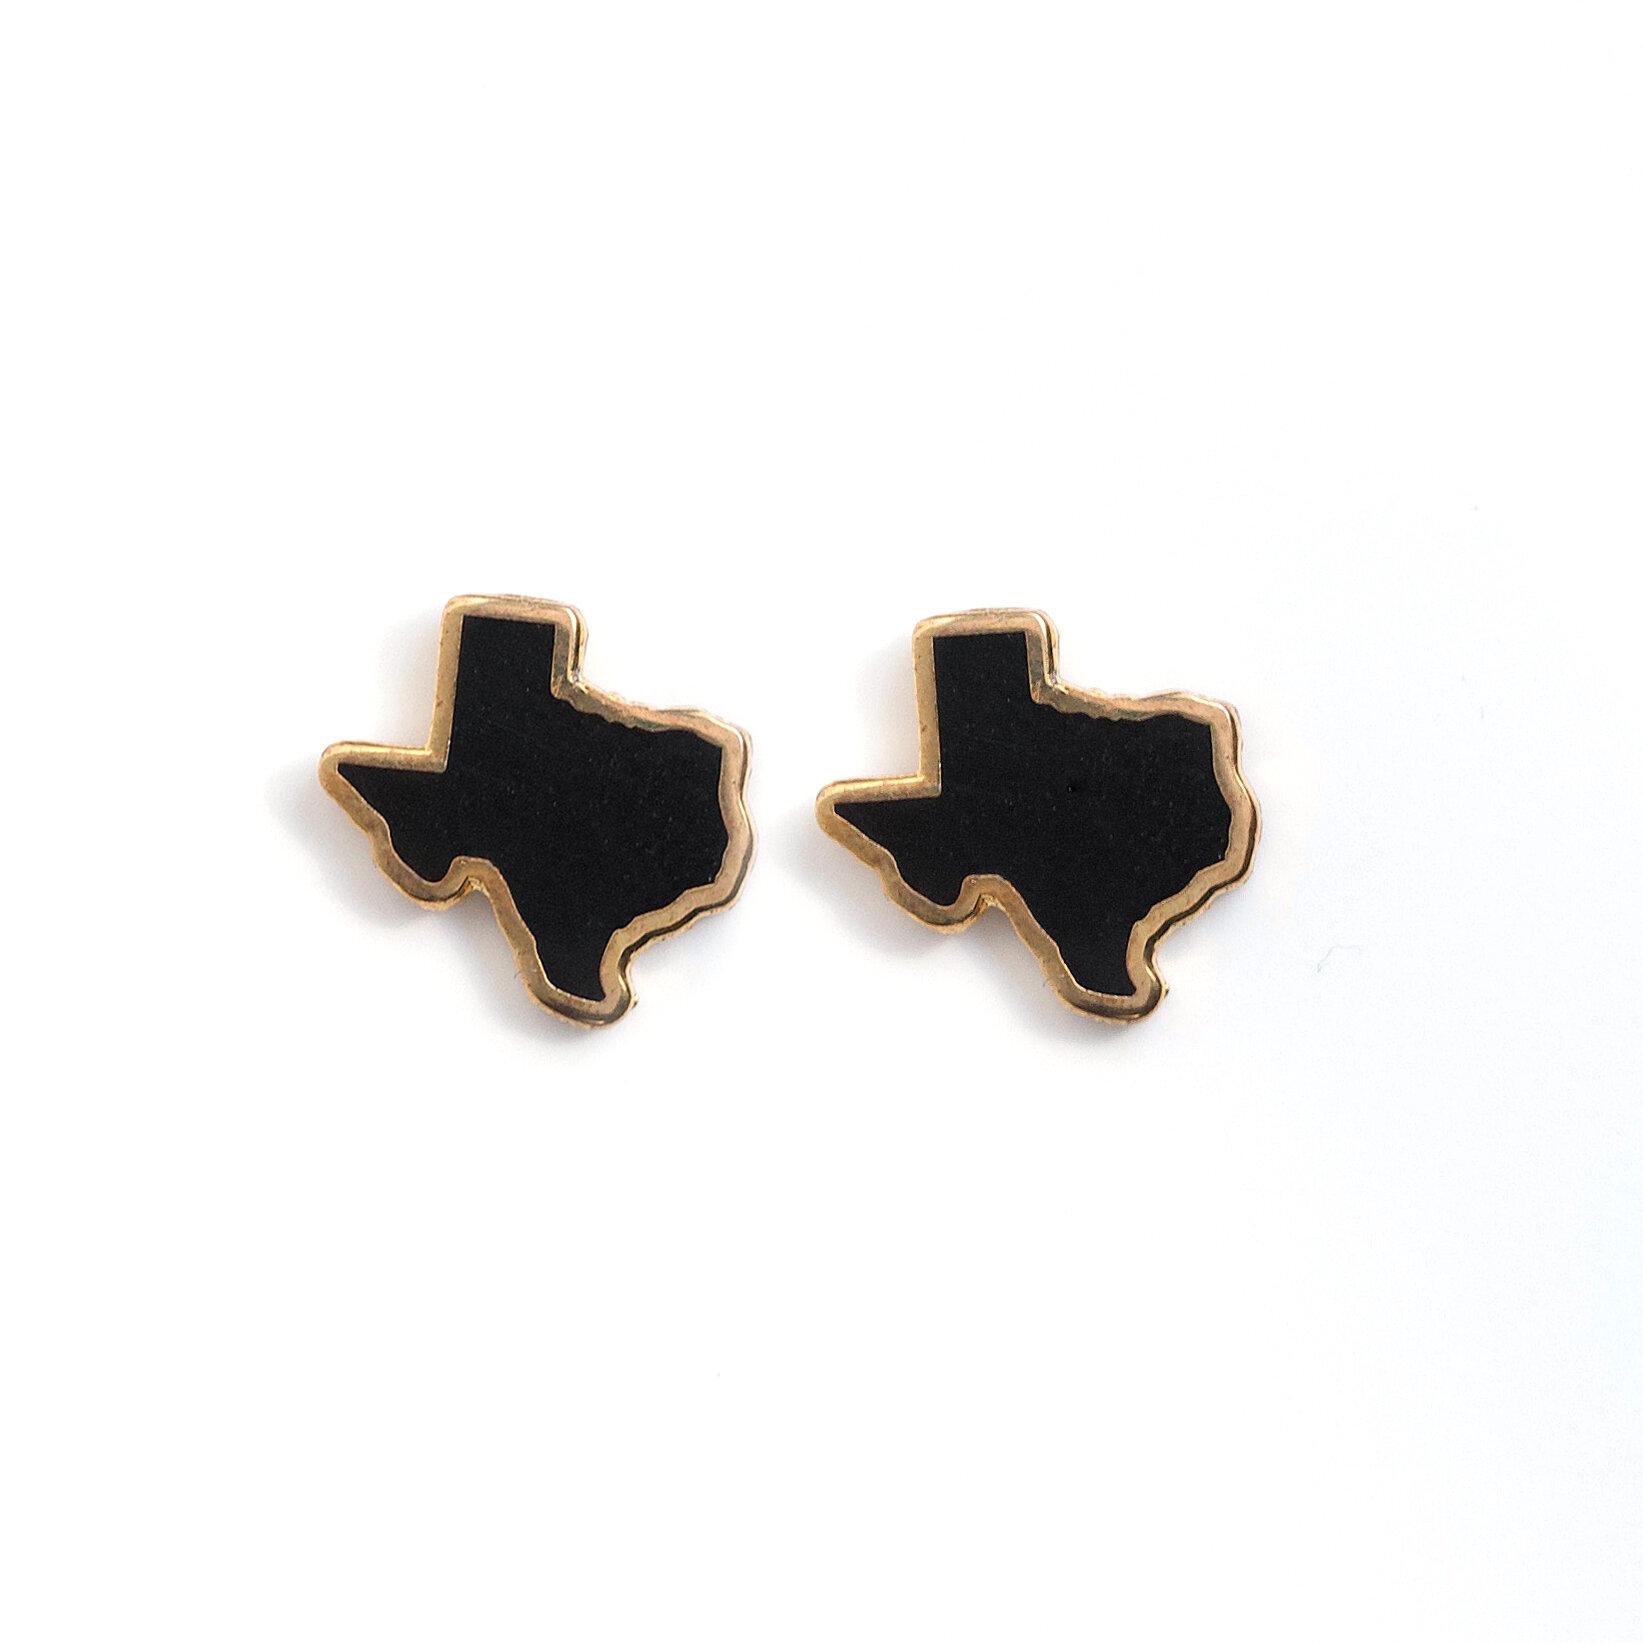 E5 - Black Texas Earrings